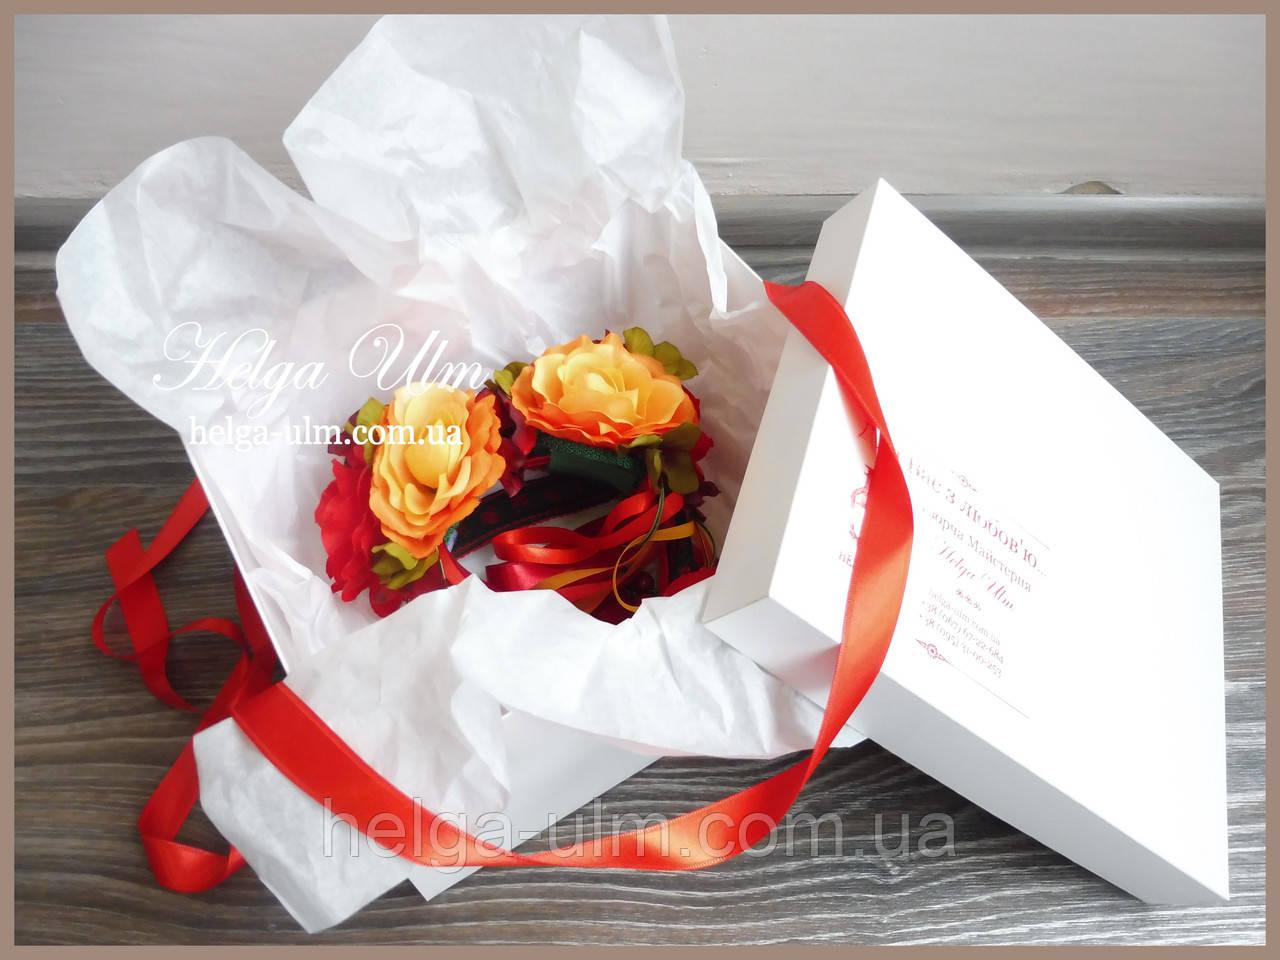 Подарункова коробка для ексклюзивних головних уборів  продажа 9e2a02faf7657